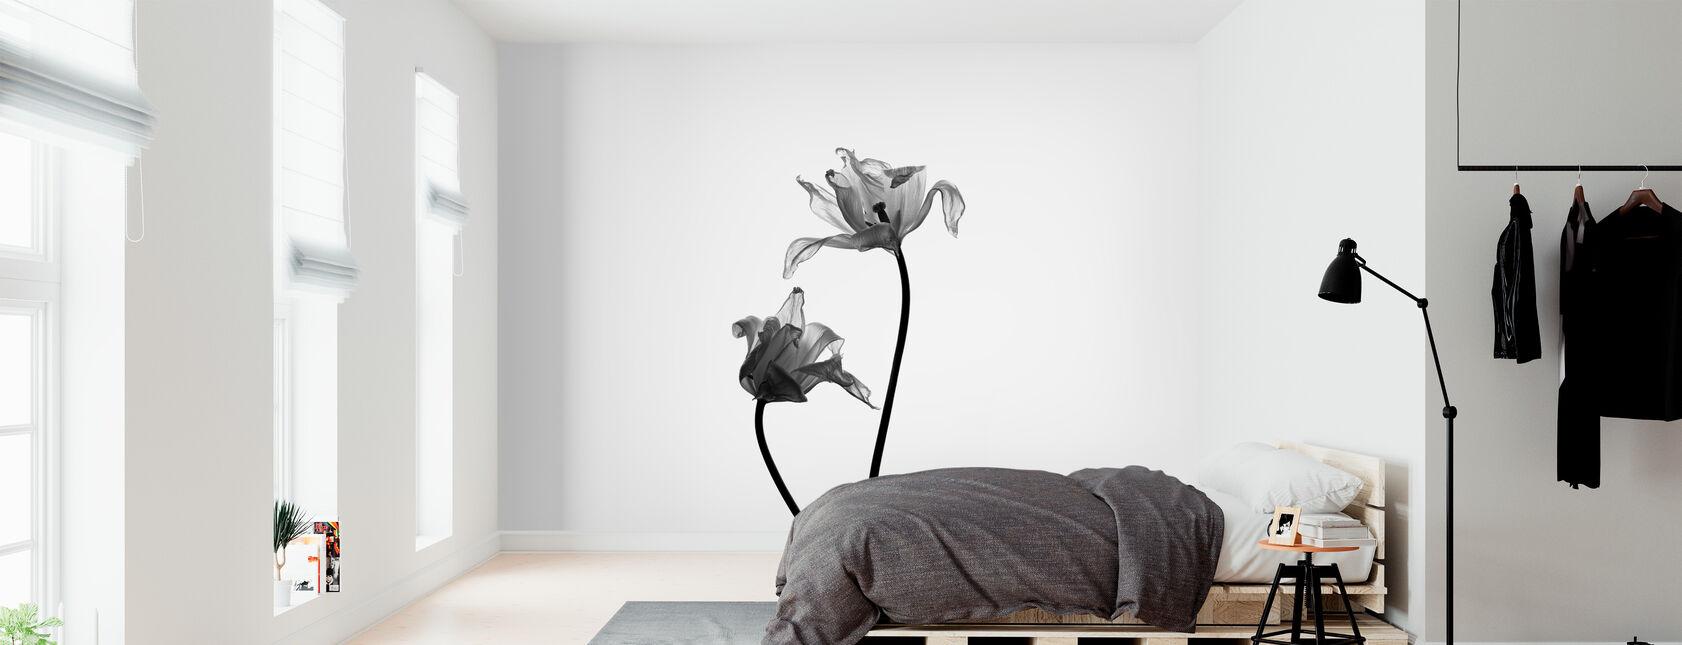 Iris - Tapete - Schlafzimmer